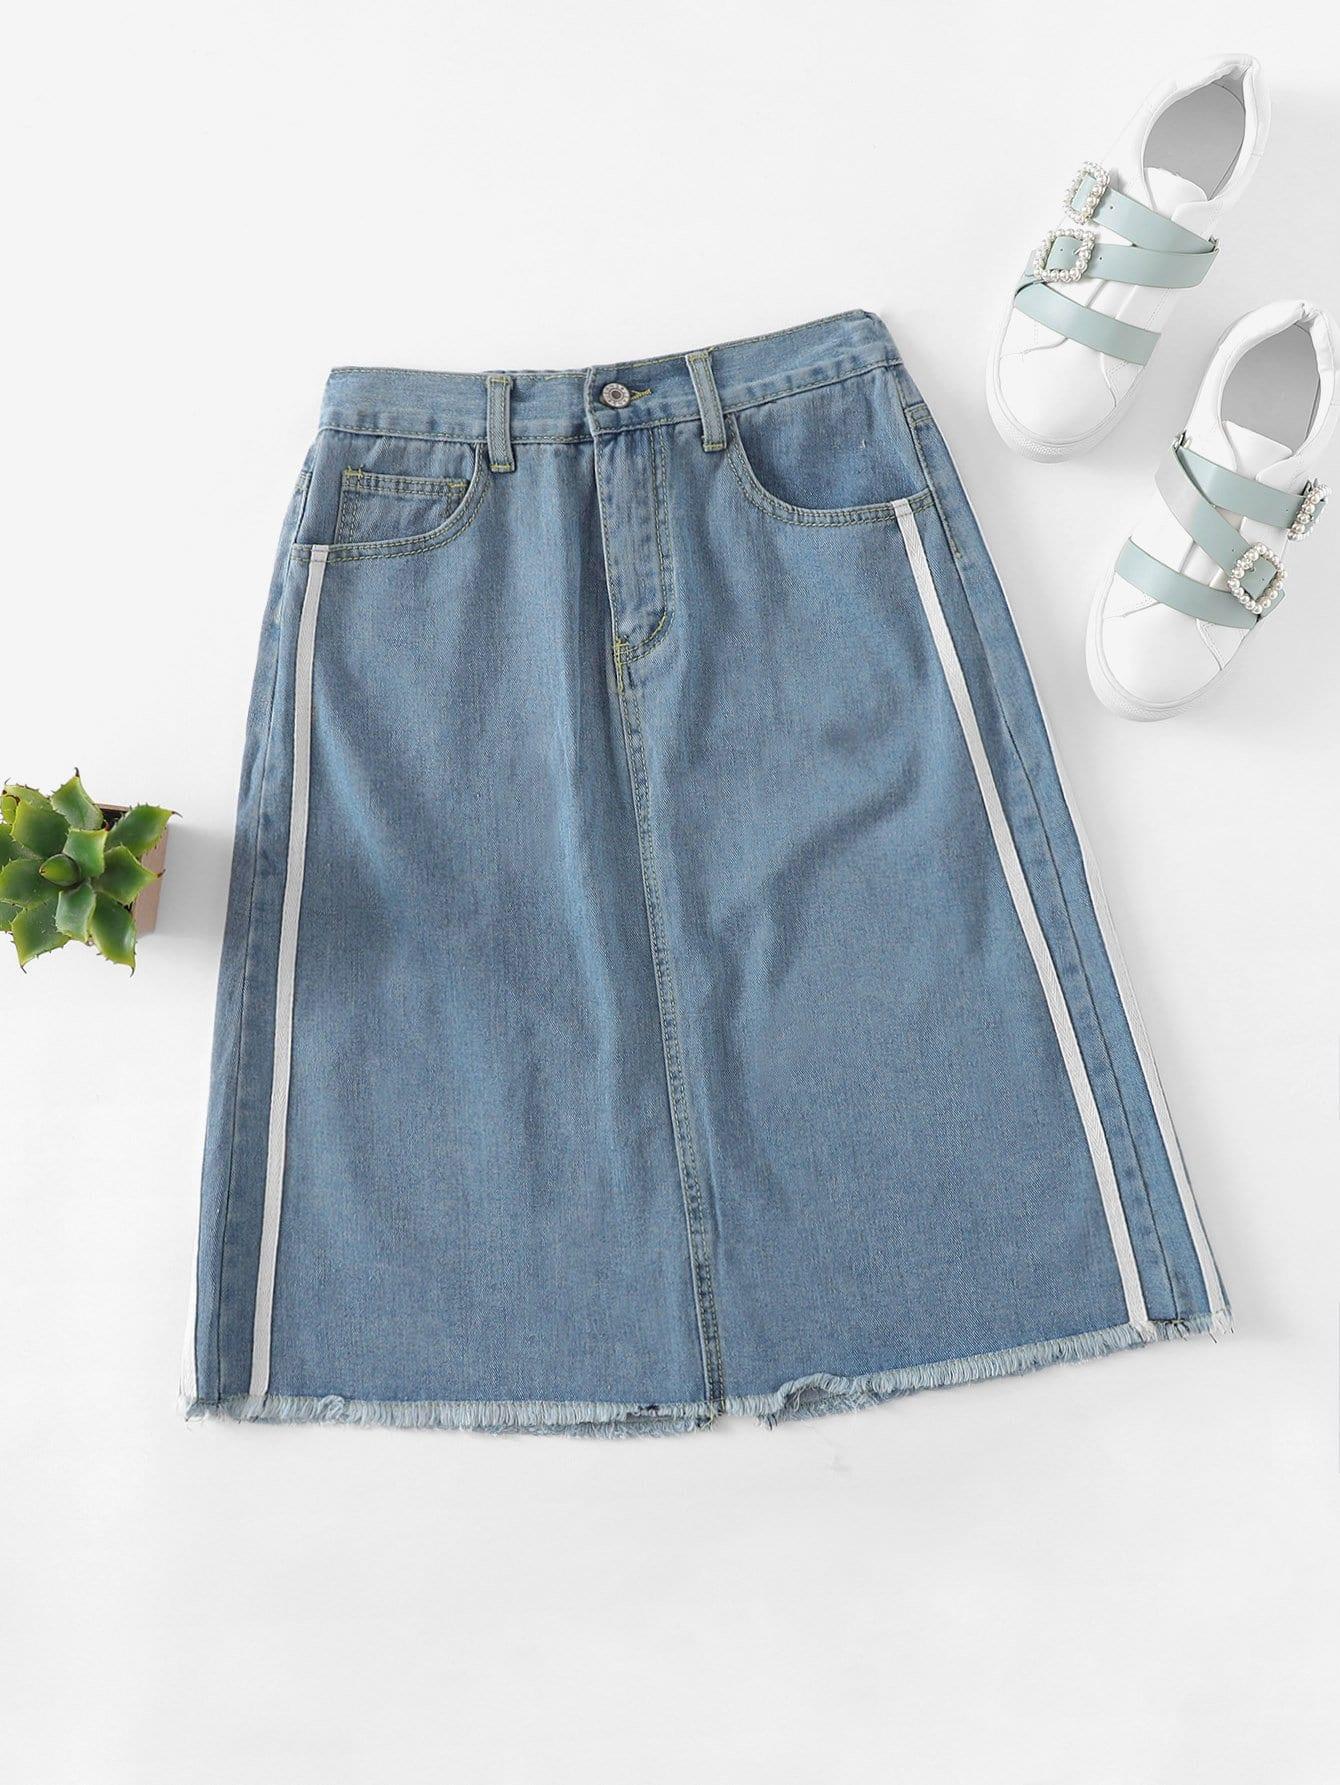 Купить Стиль кэжуал Полосатый Необработанный низ Синий Джинсовые юбки, null, SheIn